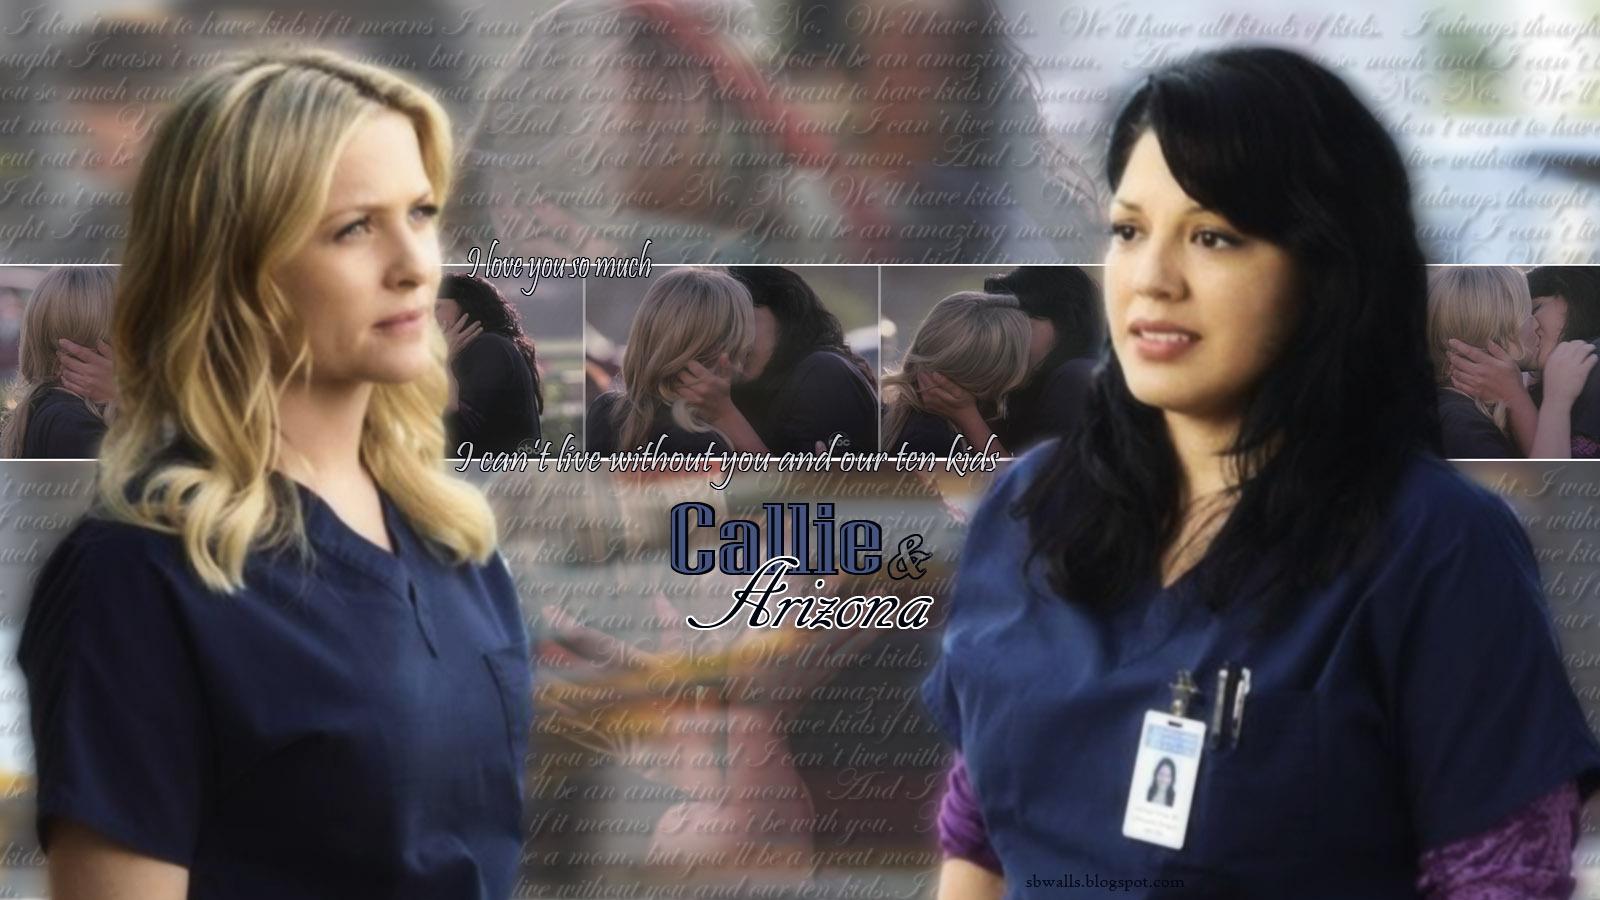 Arizona Und Callie